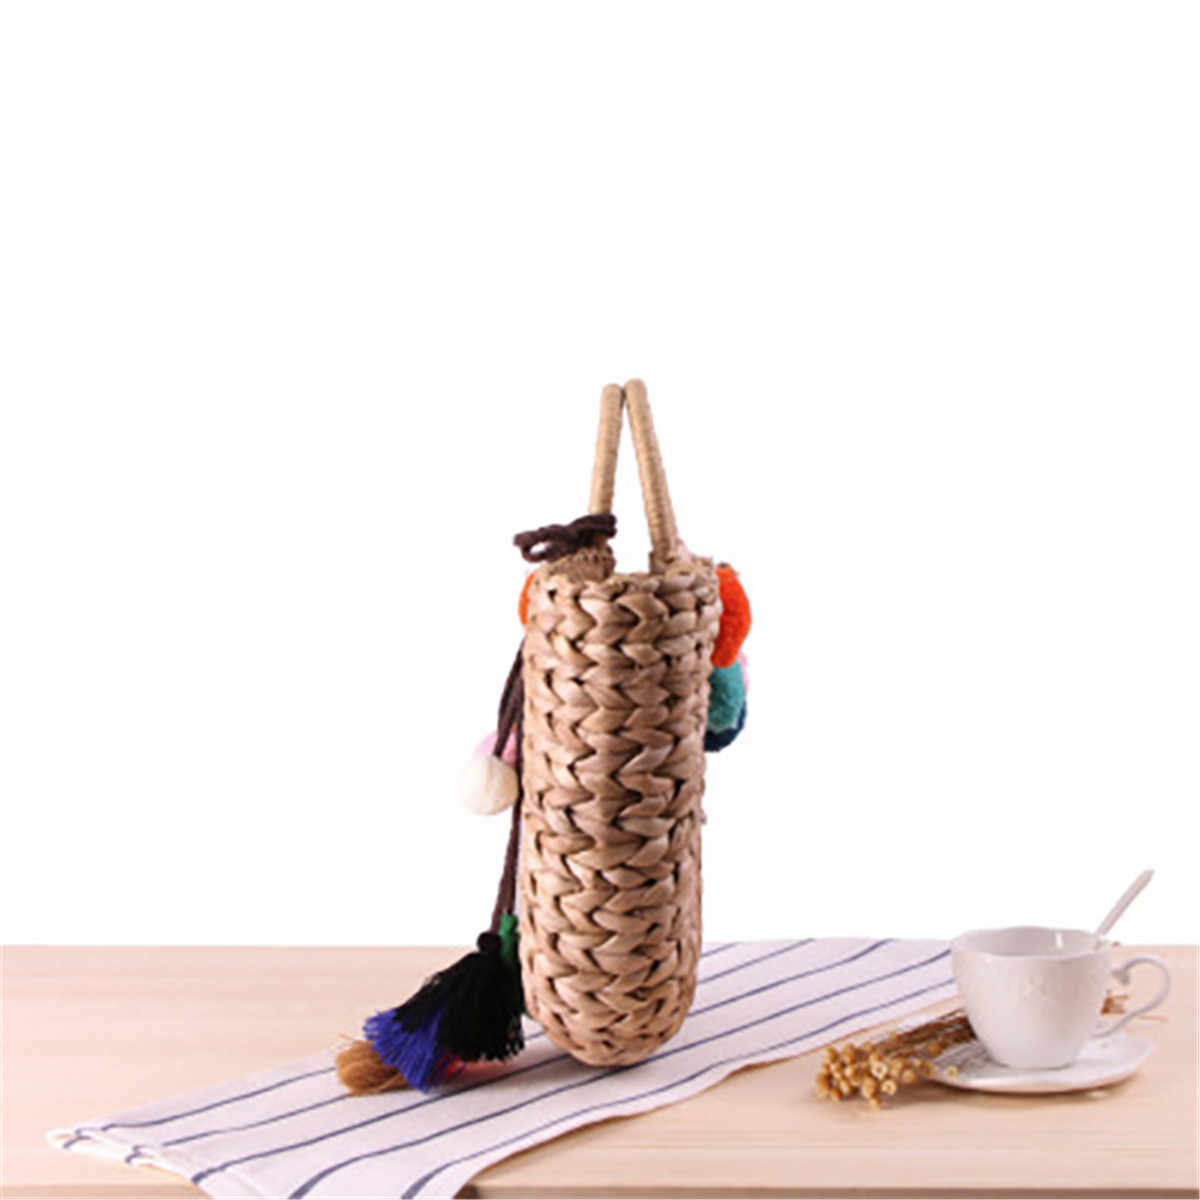 Aequeen соломенные сумки богемные Bolsas женская летняя пляжная сумка плетеная Сумка из ротанга ручной работы винтажный Плетеный Женский Сумочка Hairball Tassel 2019